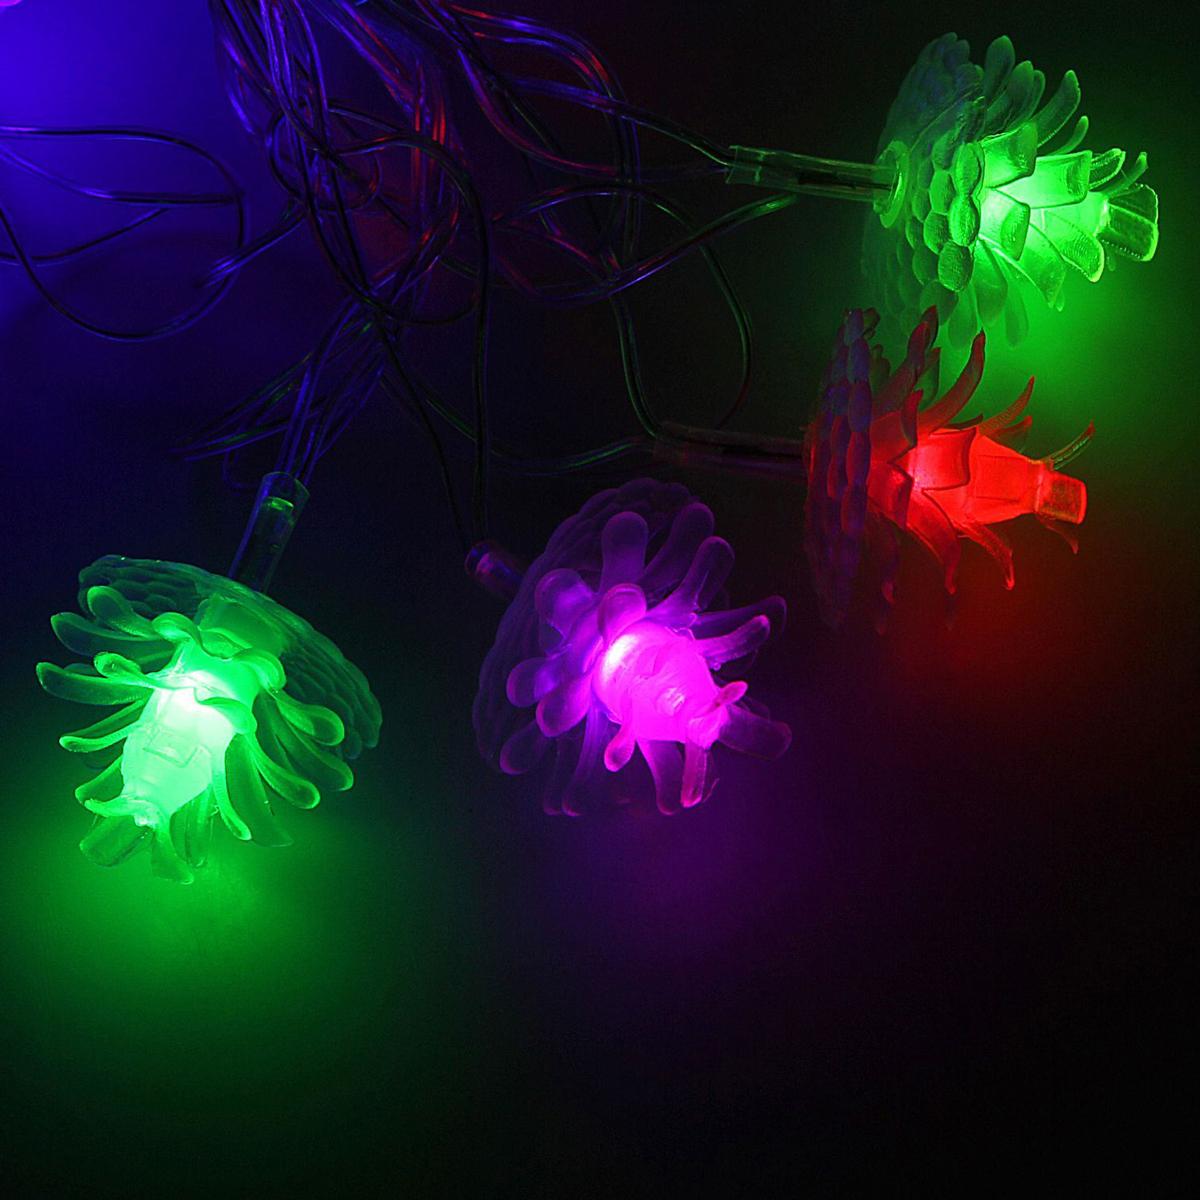 Гирлянда светодиодная Luazon Метраж. Шишки 3D, с насадкой, моргает, 20 ламп, 220 V, 5 м, цвет: мультиколор. 185514185514Светодиодные гирлянды, ленты и т.д. — это отличный вариант для новогоднего оформления интерьера или фасада. С их помощью помещение любого размера можно превратить в праздничный зал, а внешние элементы зданий, украшенные ими, мгновенно станут напоминать очертания сказочного дворца. Такие украшения создают ауру предвкушения чуда. Деревья, фасады, витрины, окна и арки будто специально созданы, чтобы вы украсили их светящимися нитями.